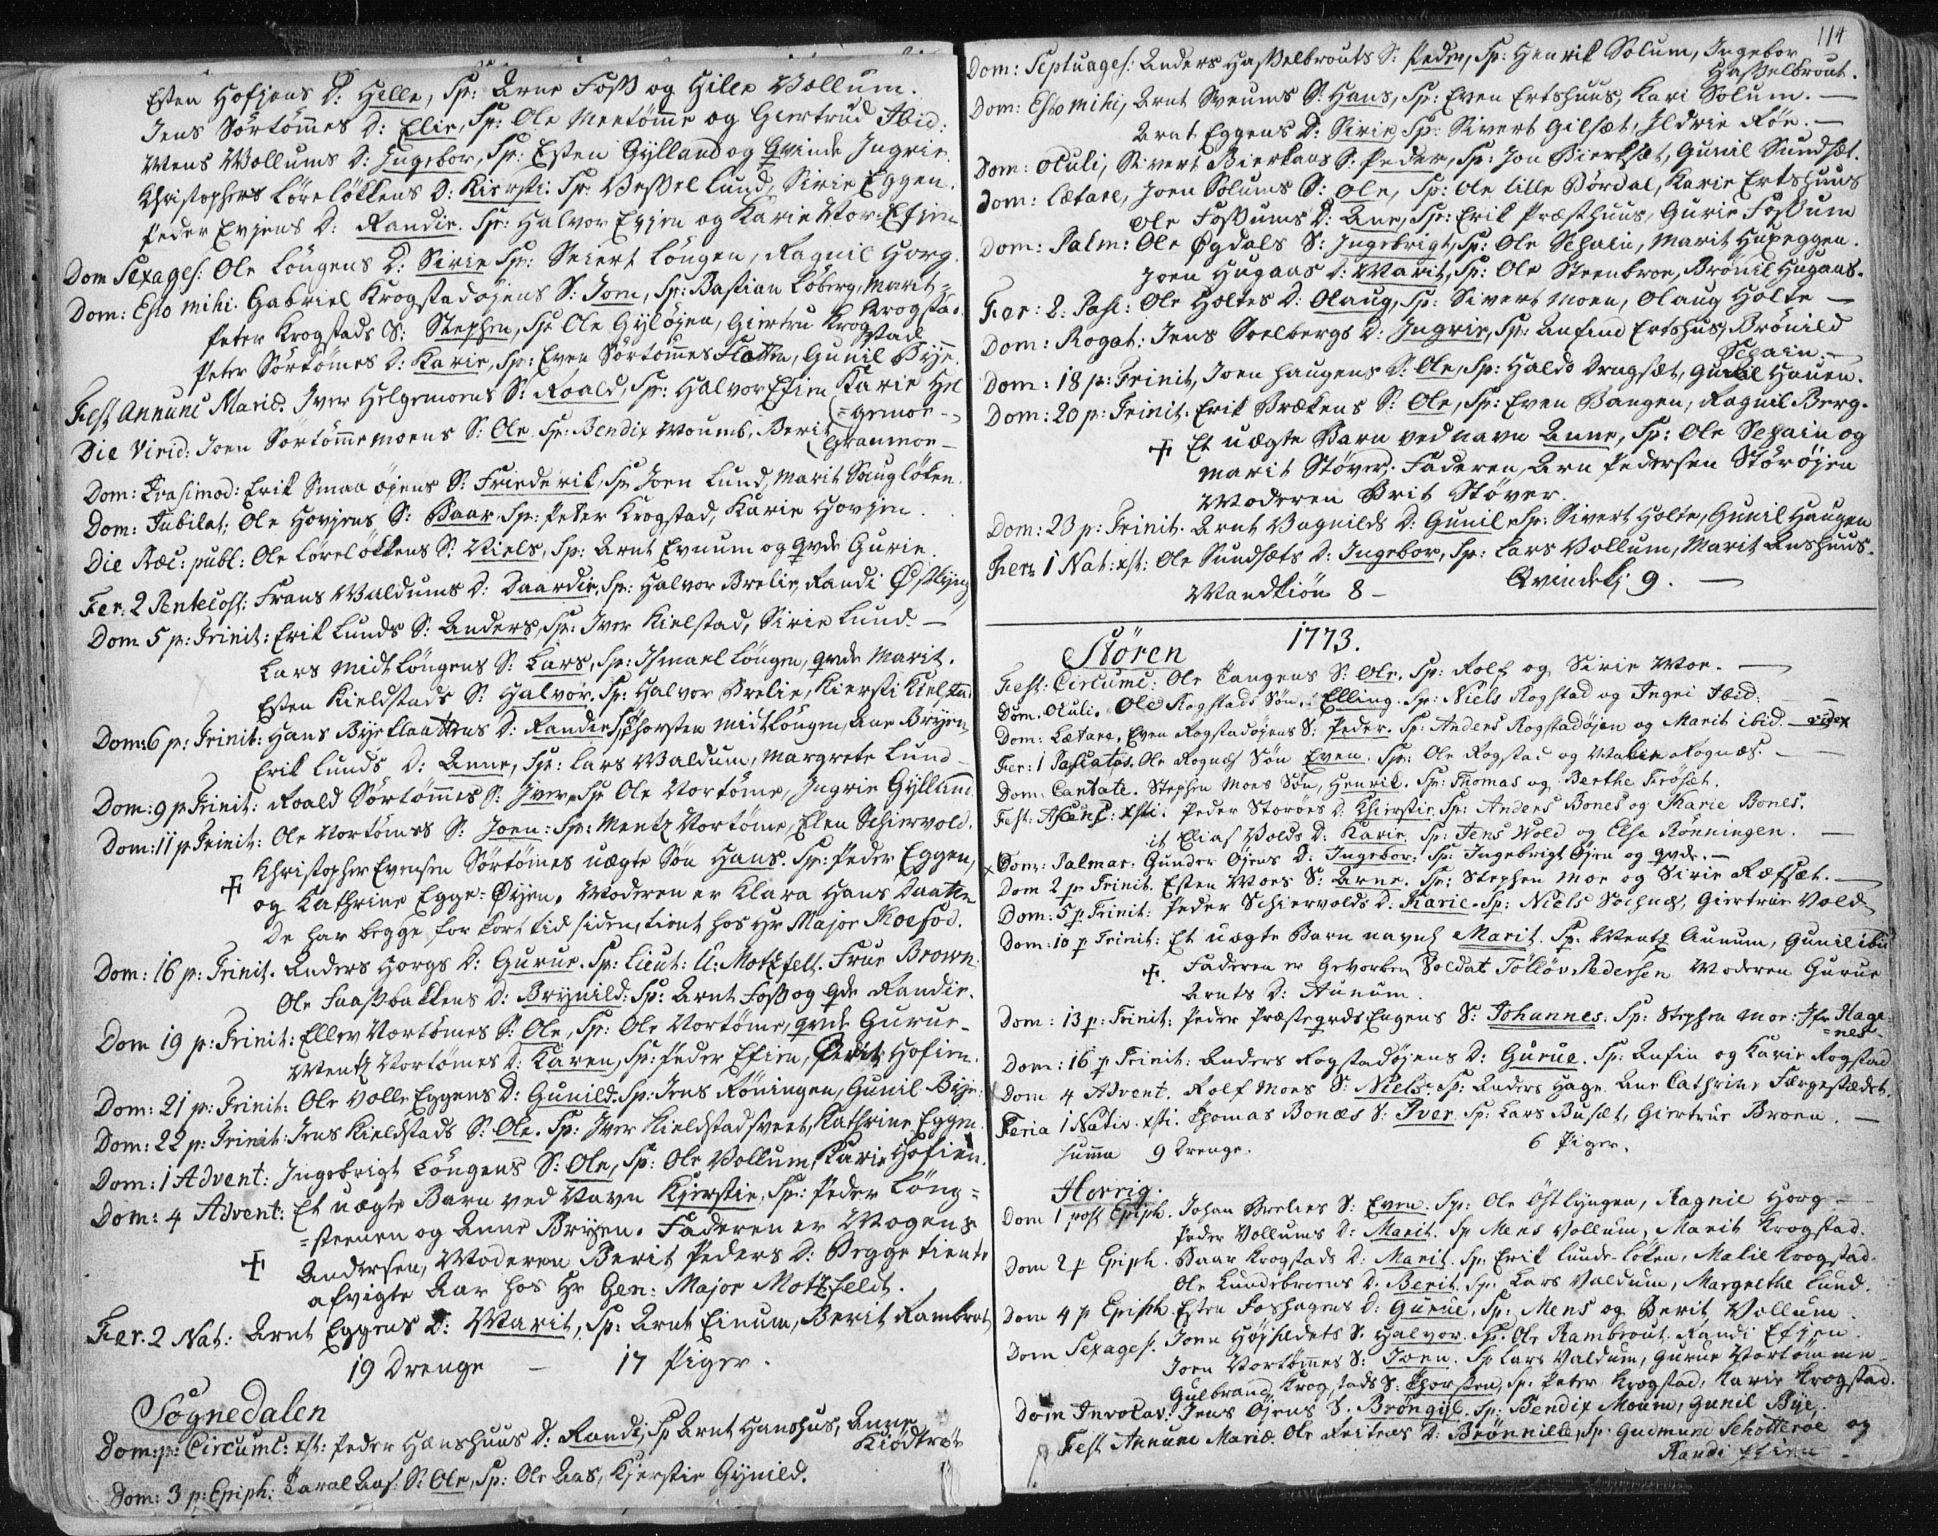 SAT, Ministerialprotokoller, klokkerbøker og fødselsregistre - Sør-Trøndelag, 687/L0991: Ministerialbok nr. 687A02, 1747-1790, s. 114